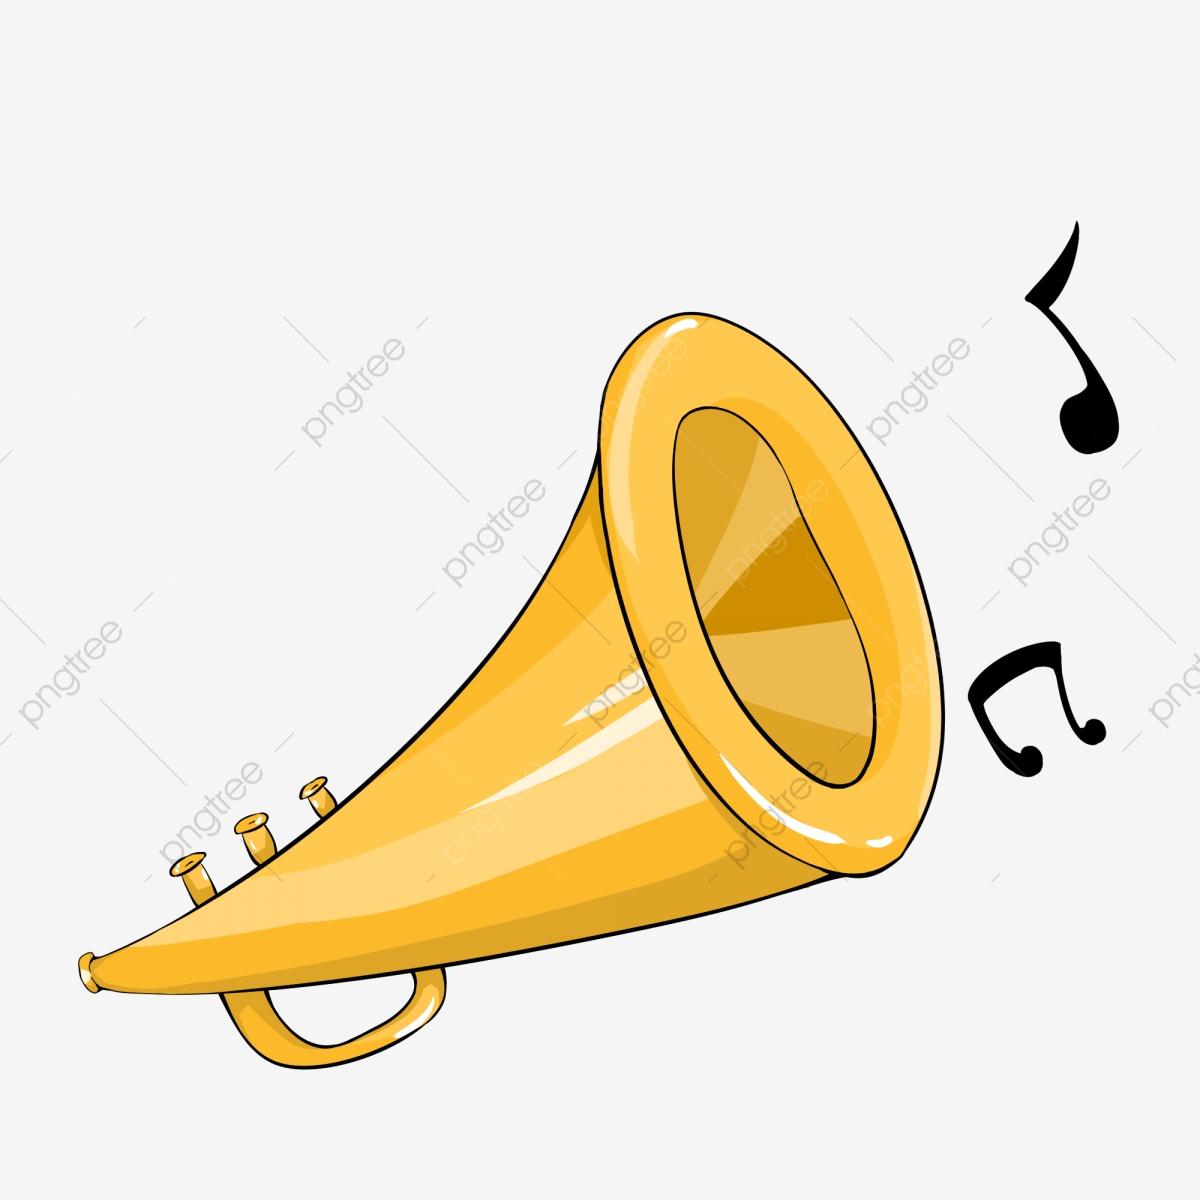 shouting golden trumpet. Horn clipart cartoon